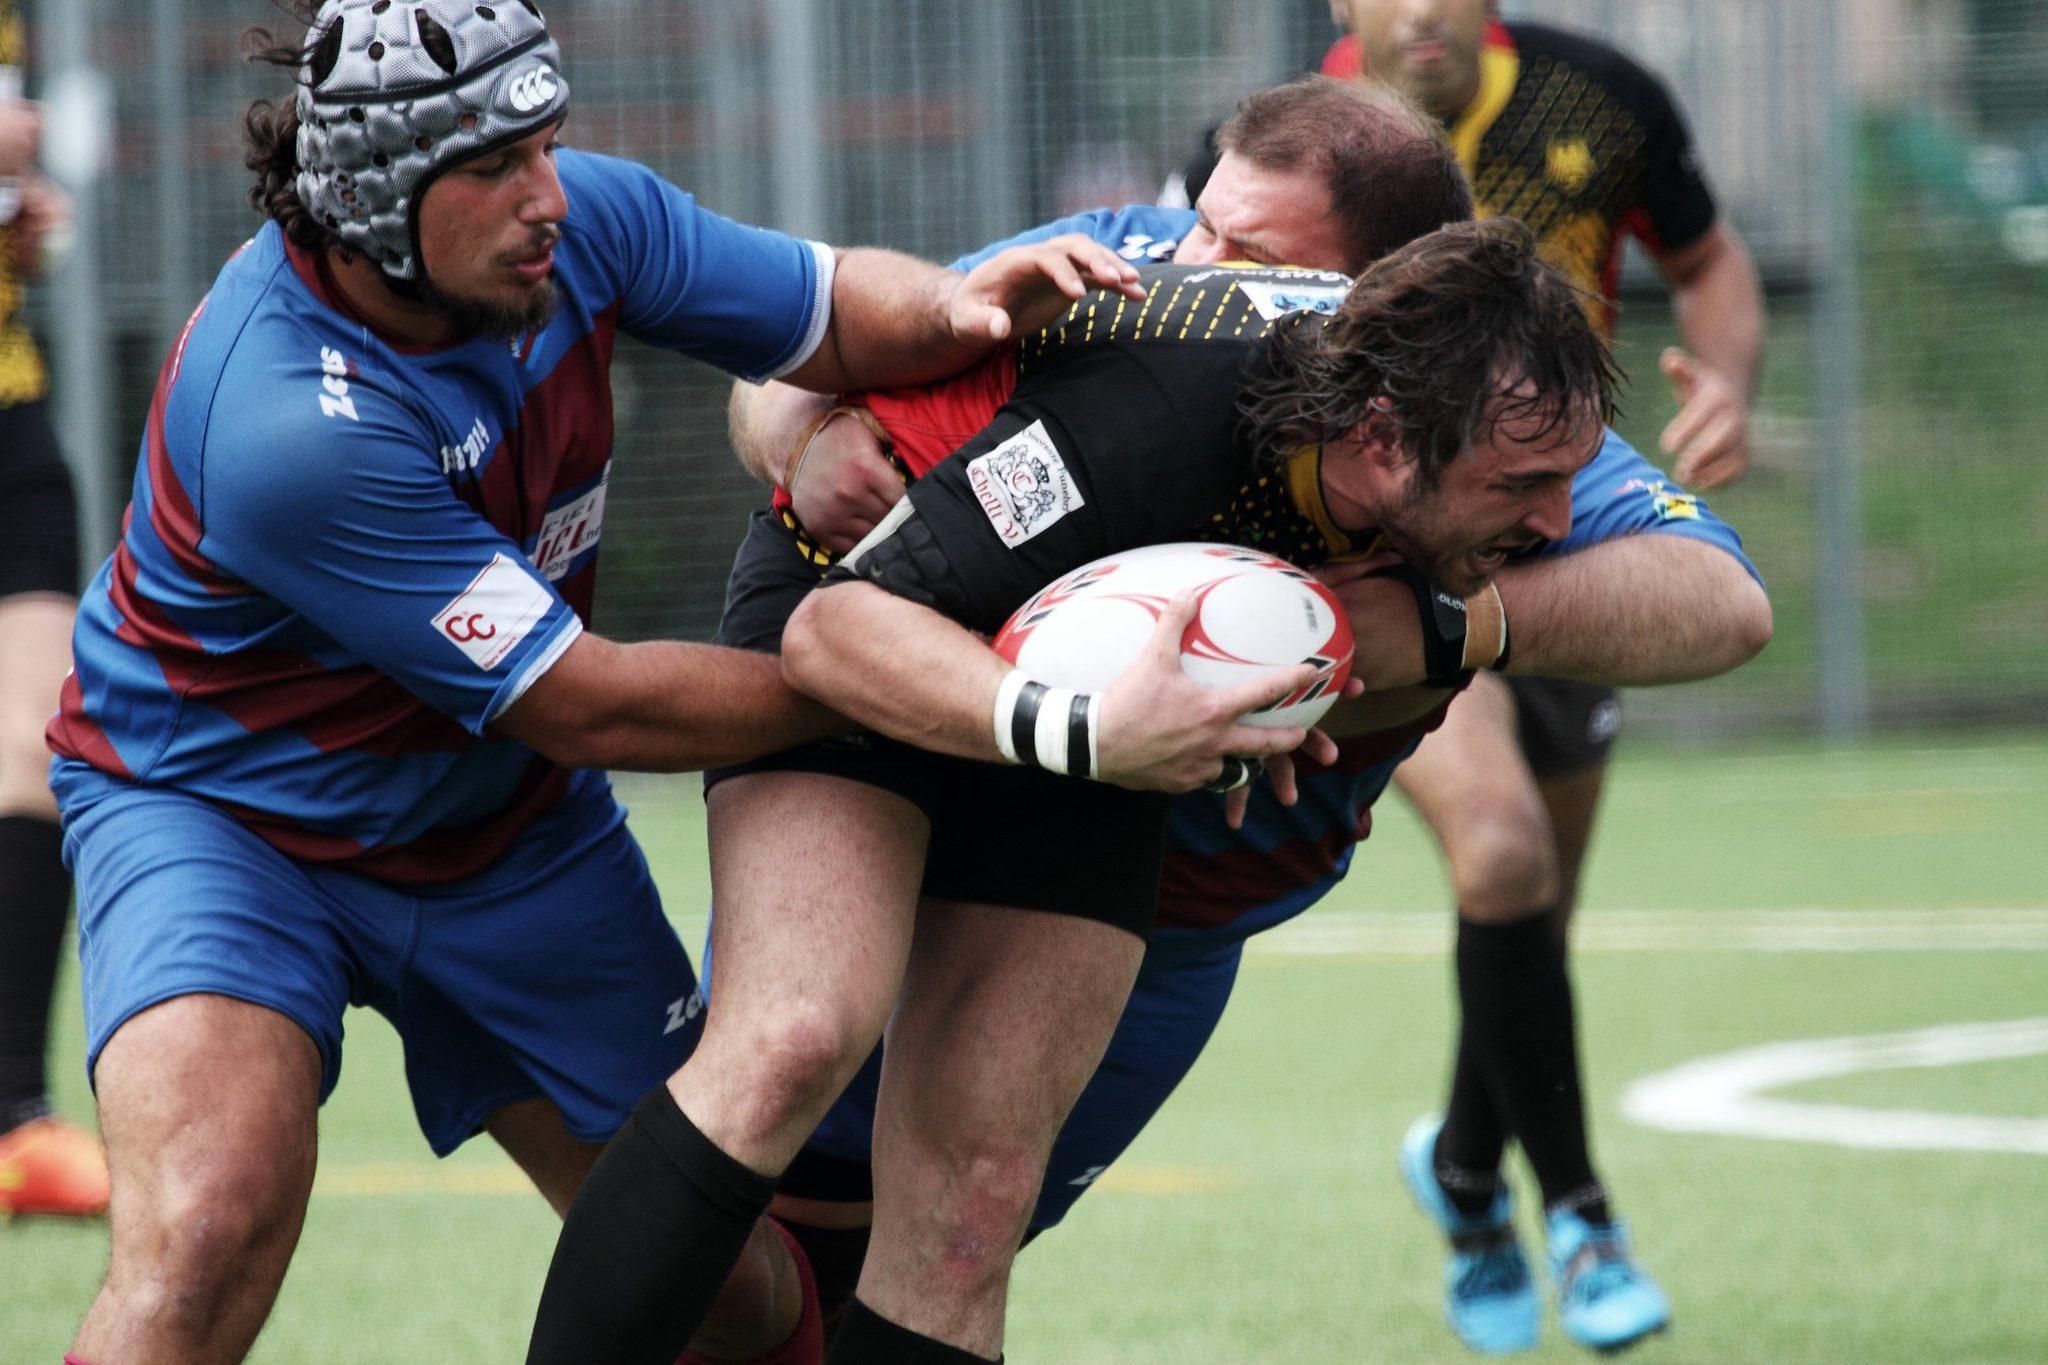 Rugby Spezia foto azione Ruggeri con Amatori8.5.16